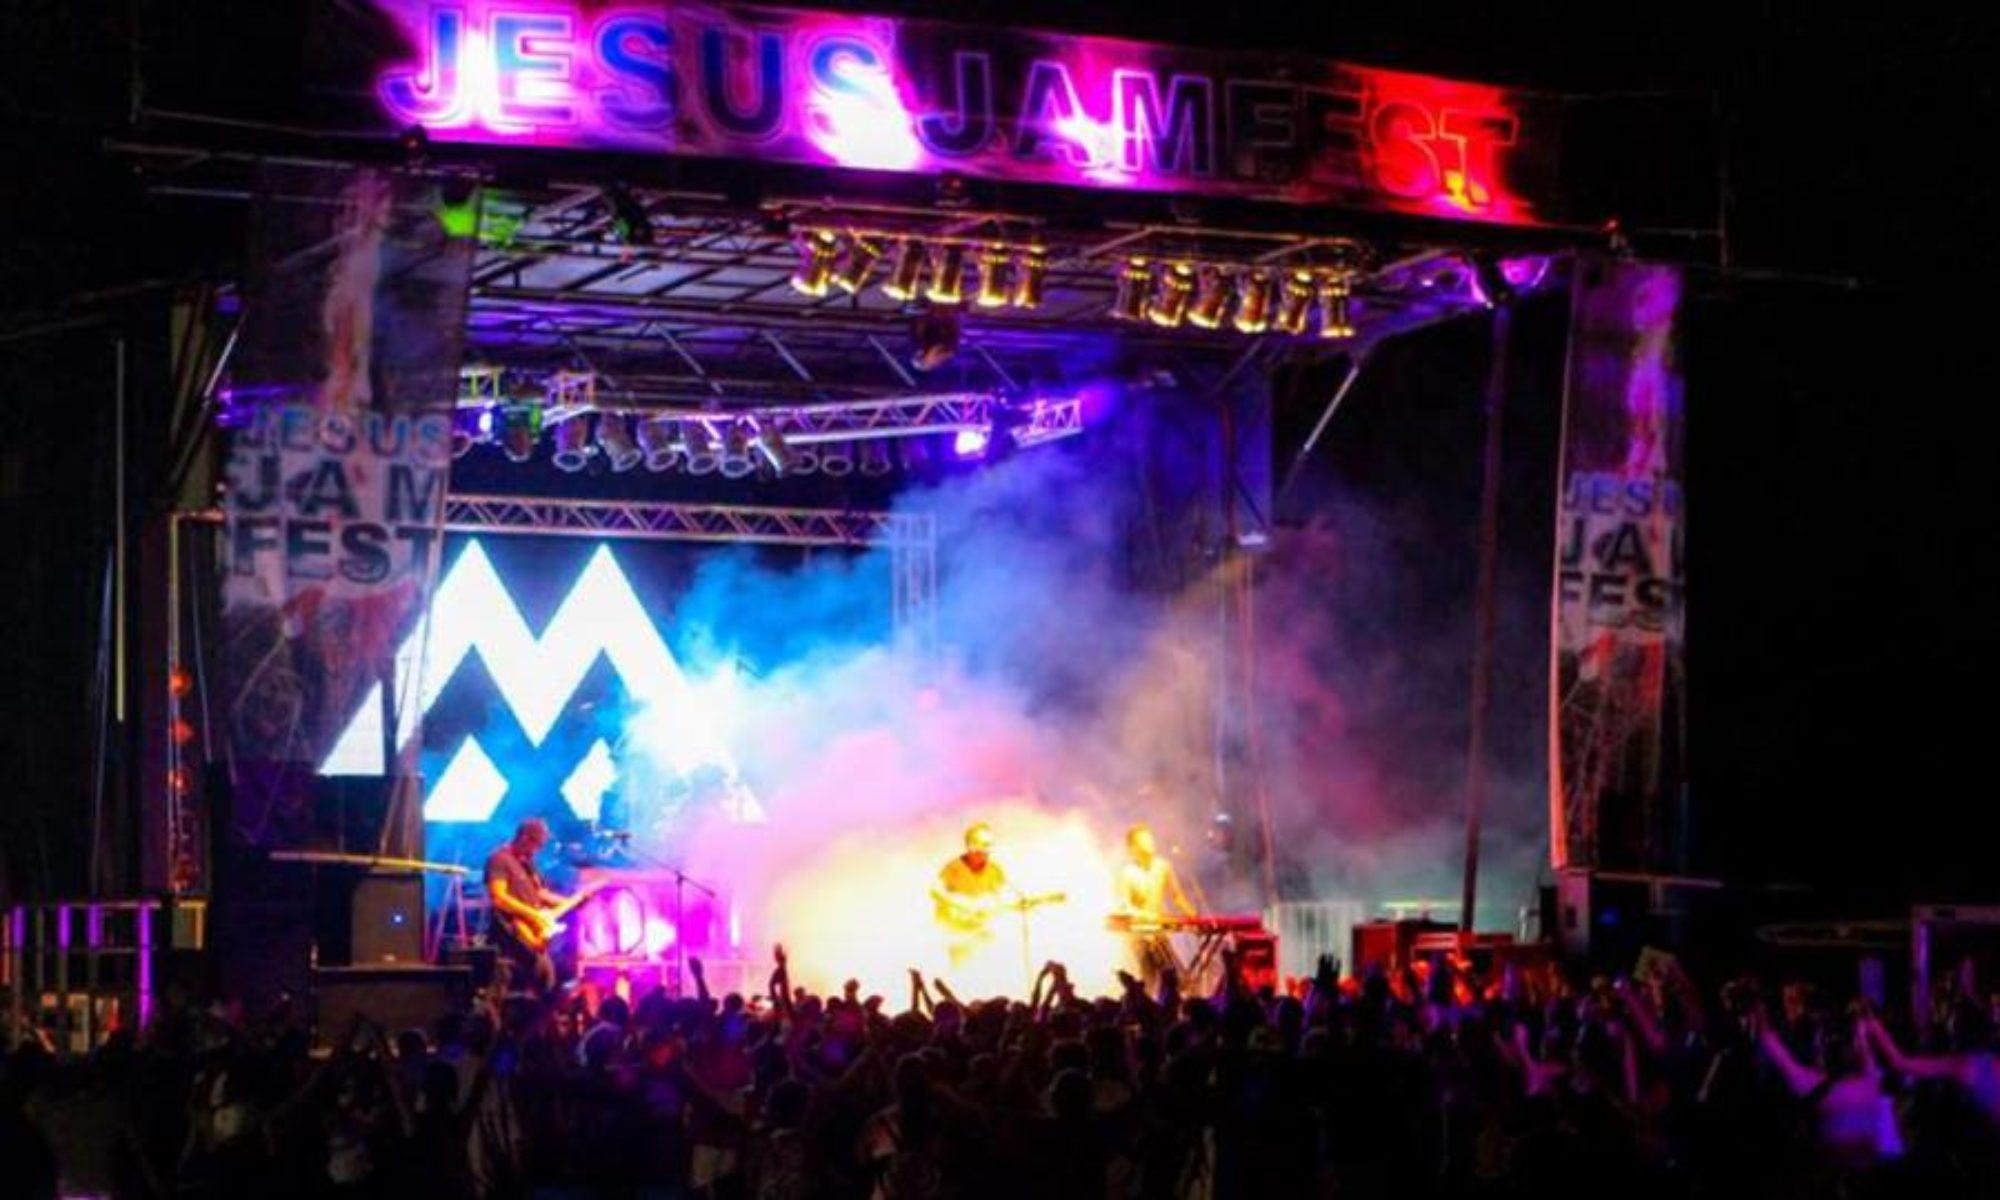 Jesus Jam Fest